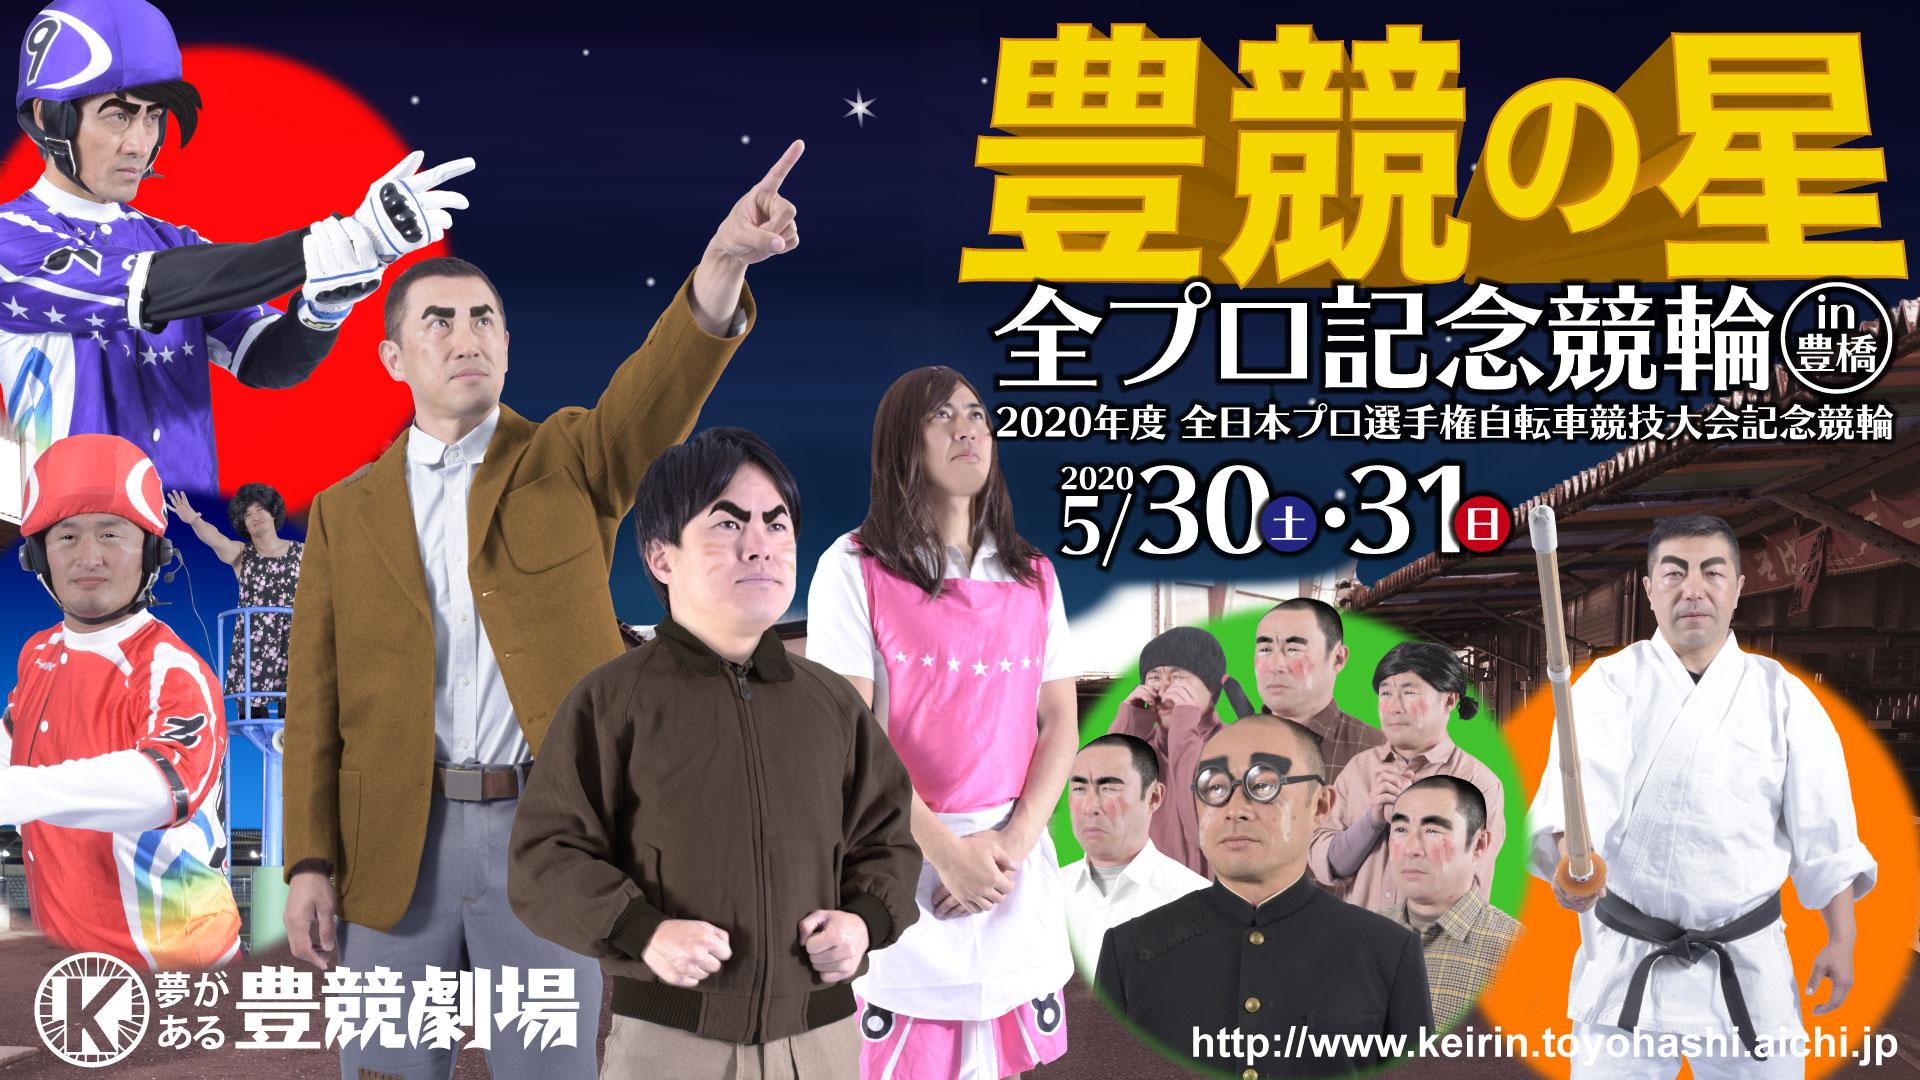 【豊橋競輪場】FⅡ全プロ記念競輪2020 無料予想